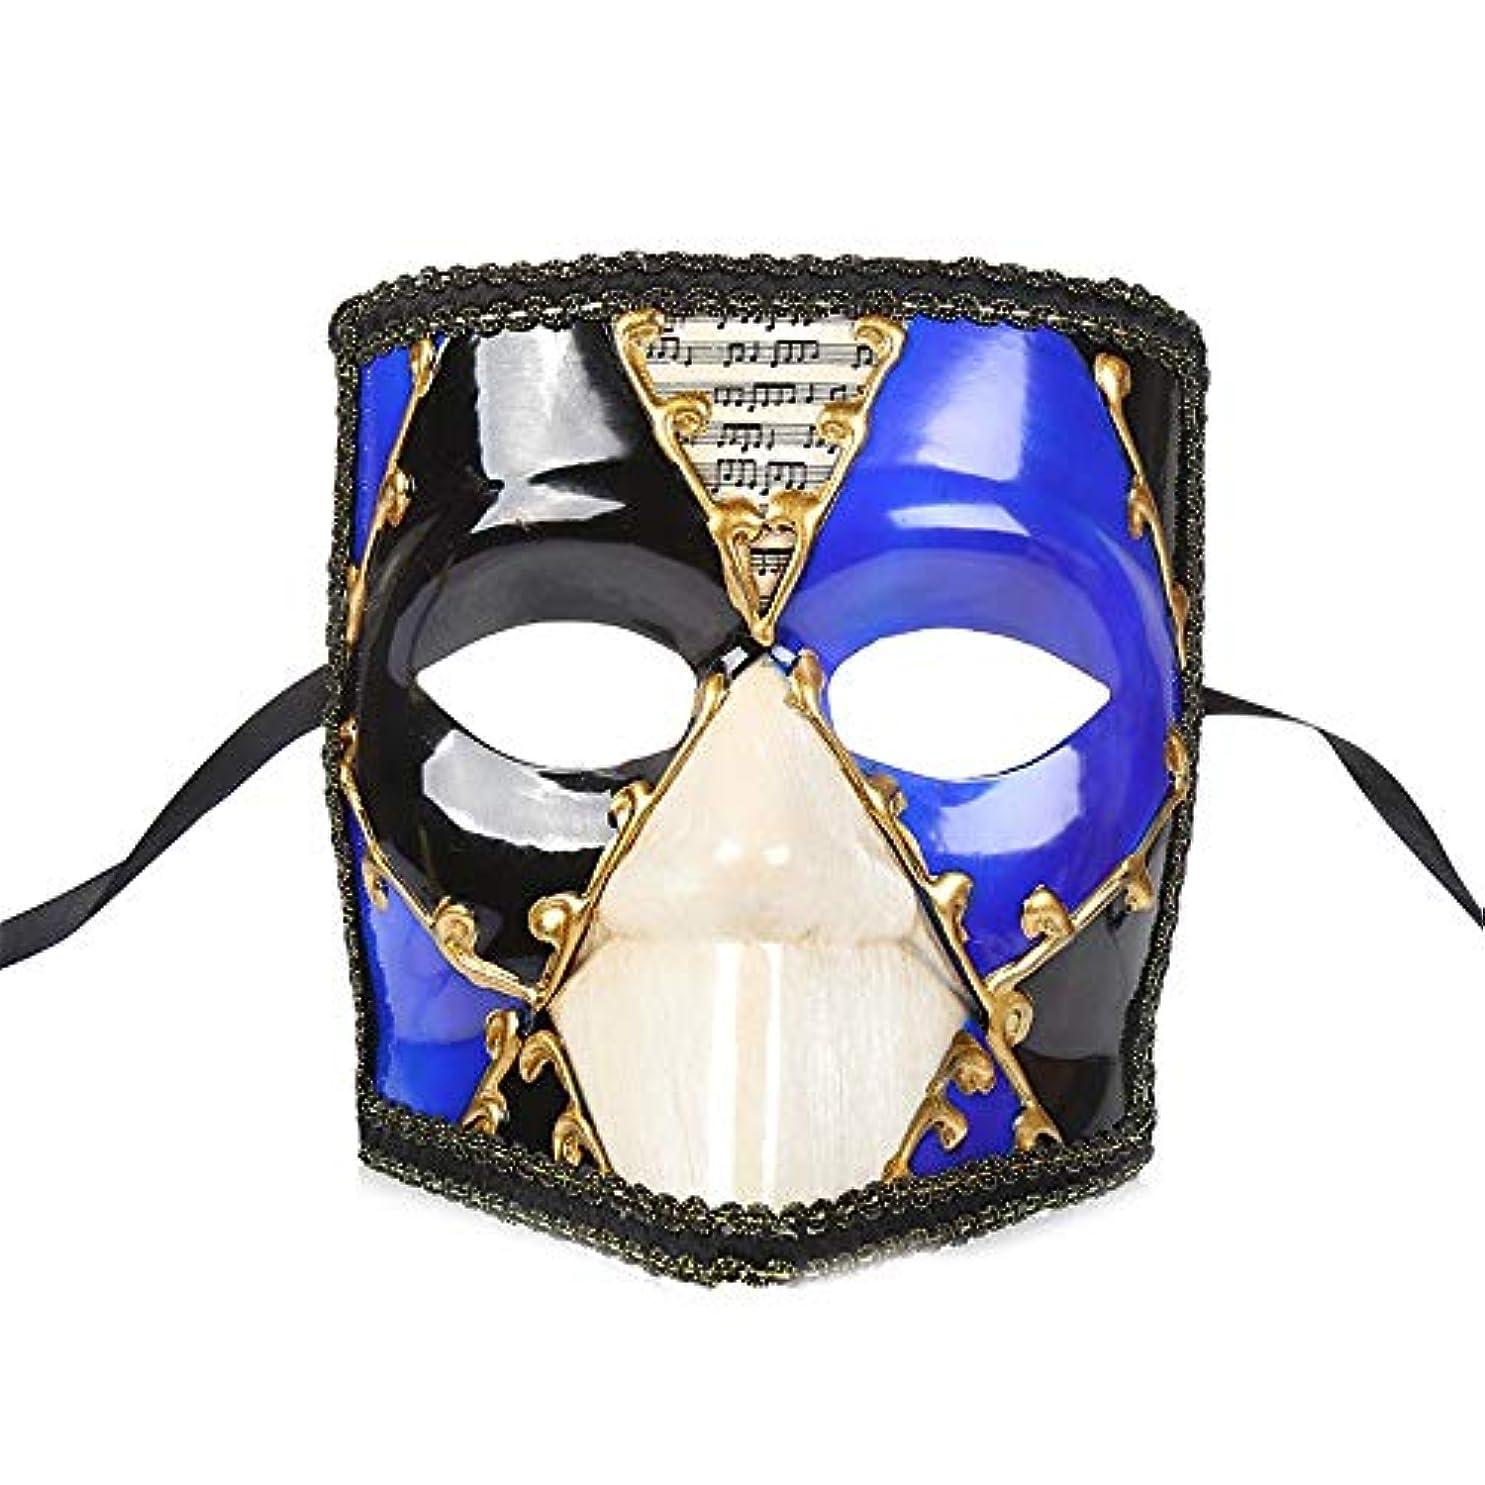 滑り台威する印象的なダンスマスク ピエロマスクヴィンテージマスカレードショーデコレーションコスプレナイトクラブプラスチック厚いマスク パーティーボールマスク (色 : 青, サイズ : 18x15cm)